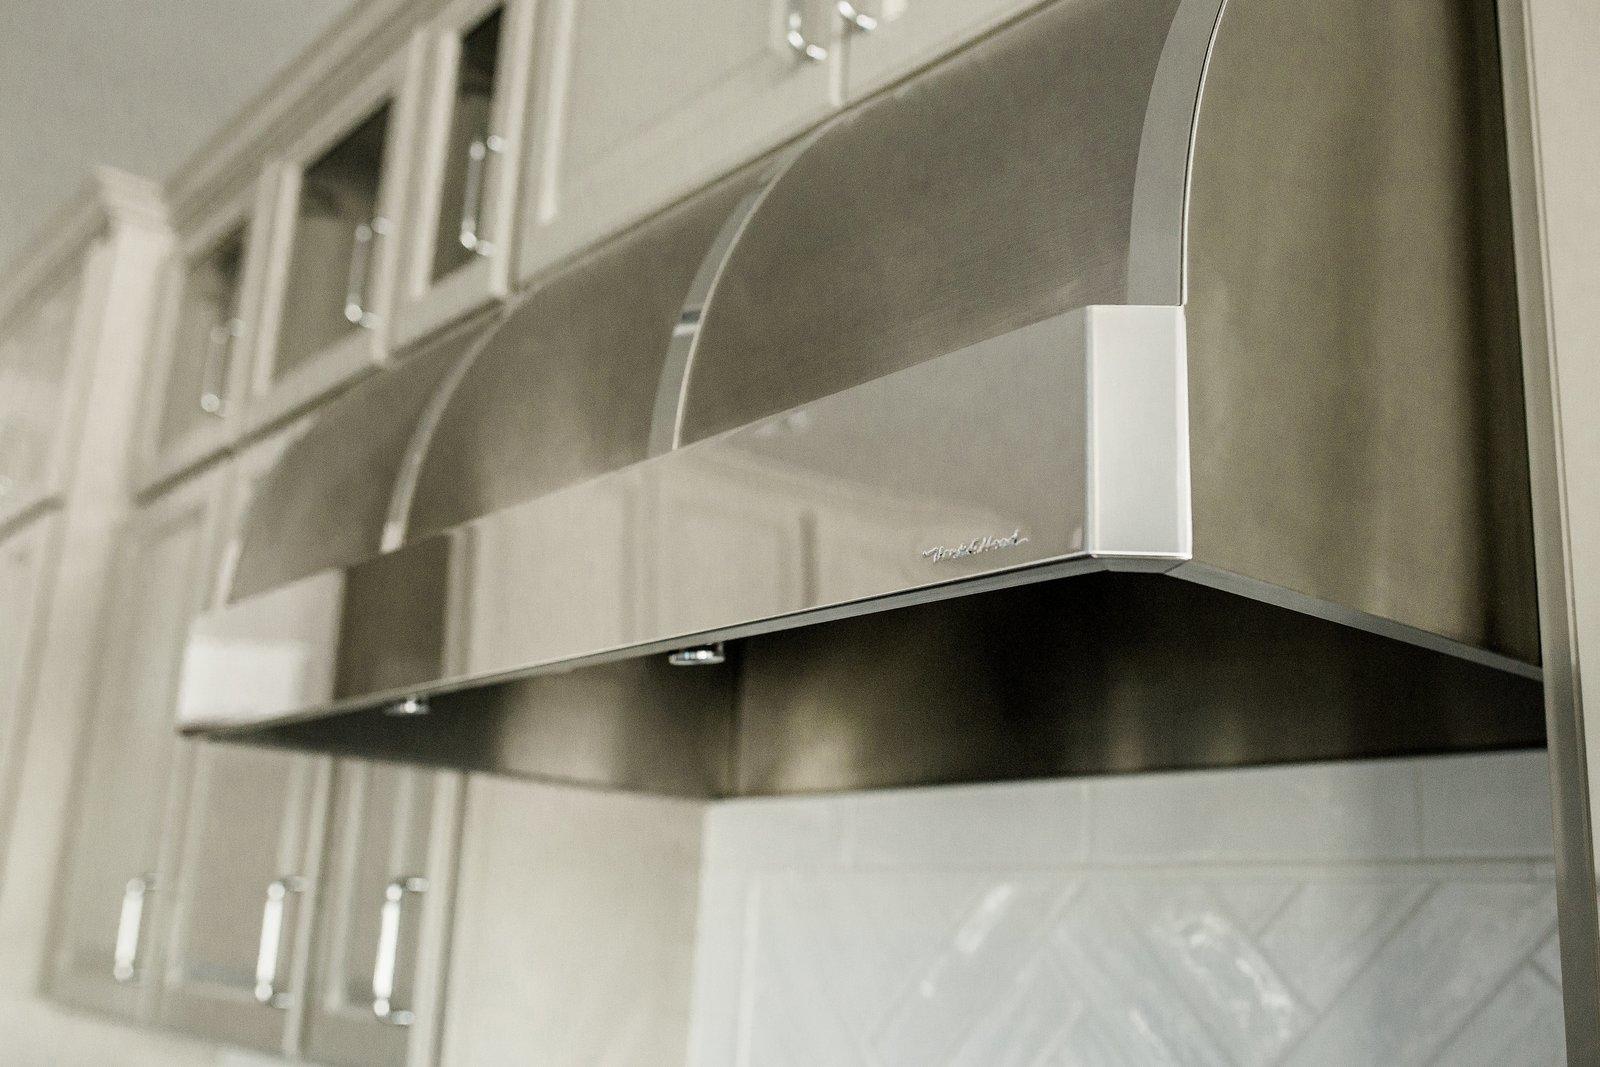 Subway Tile Backsplashe and Range Hood Kitchen  Hole in One